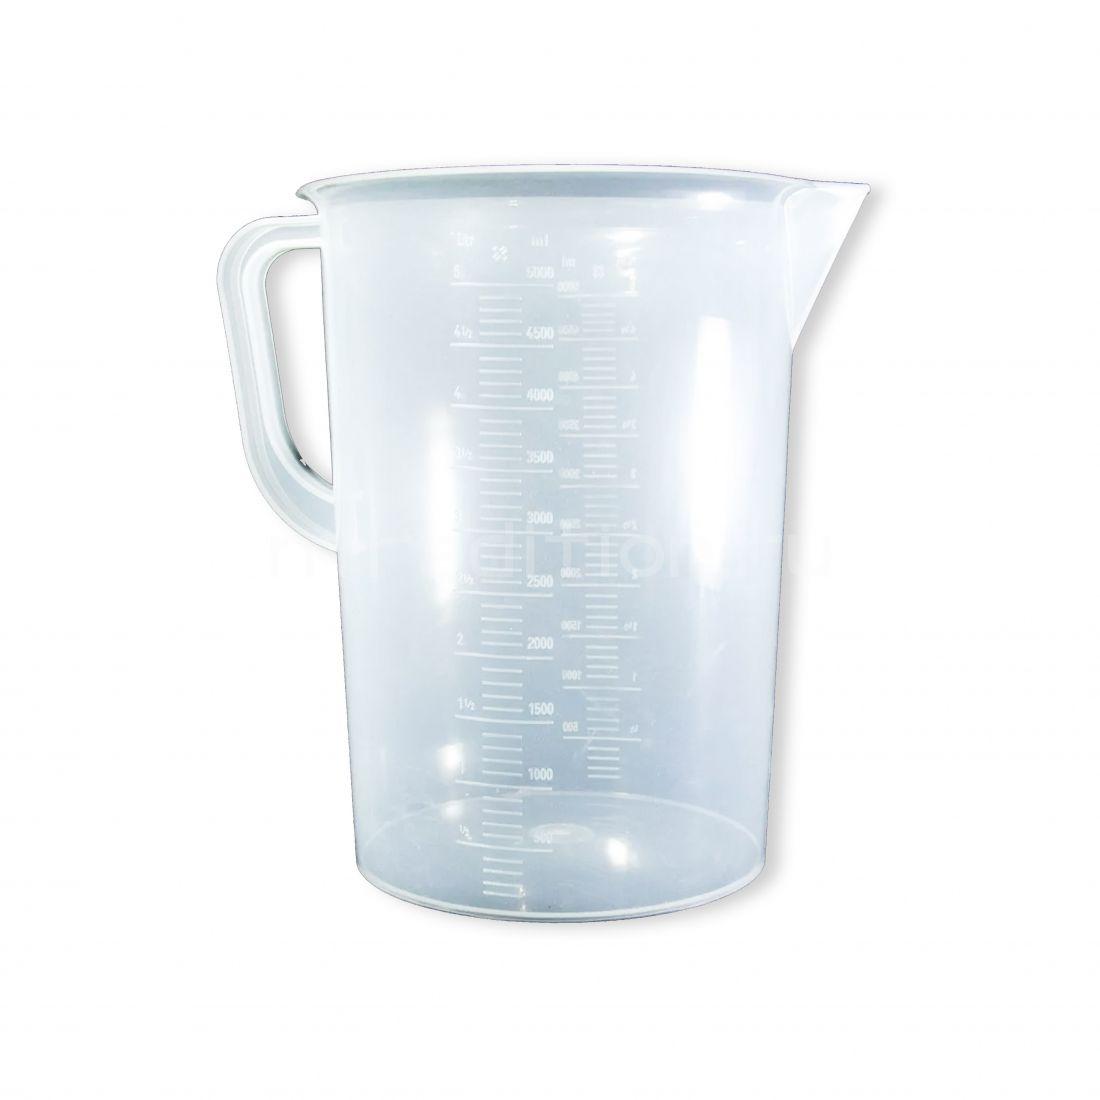 Мерный стакан, 5 литров (пластик)